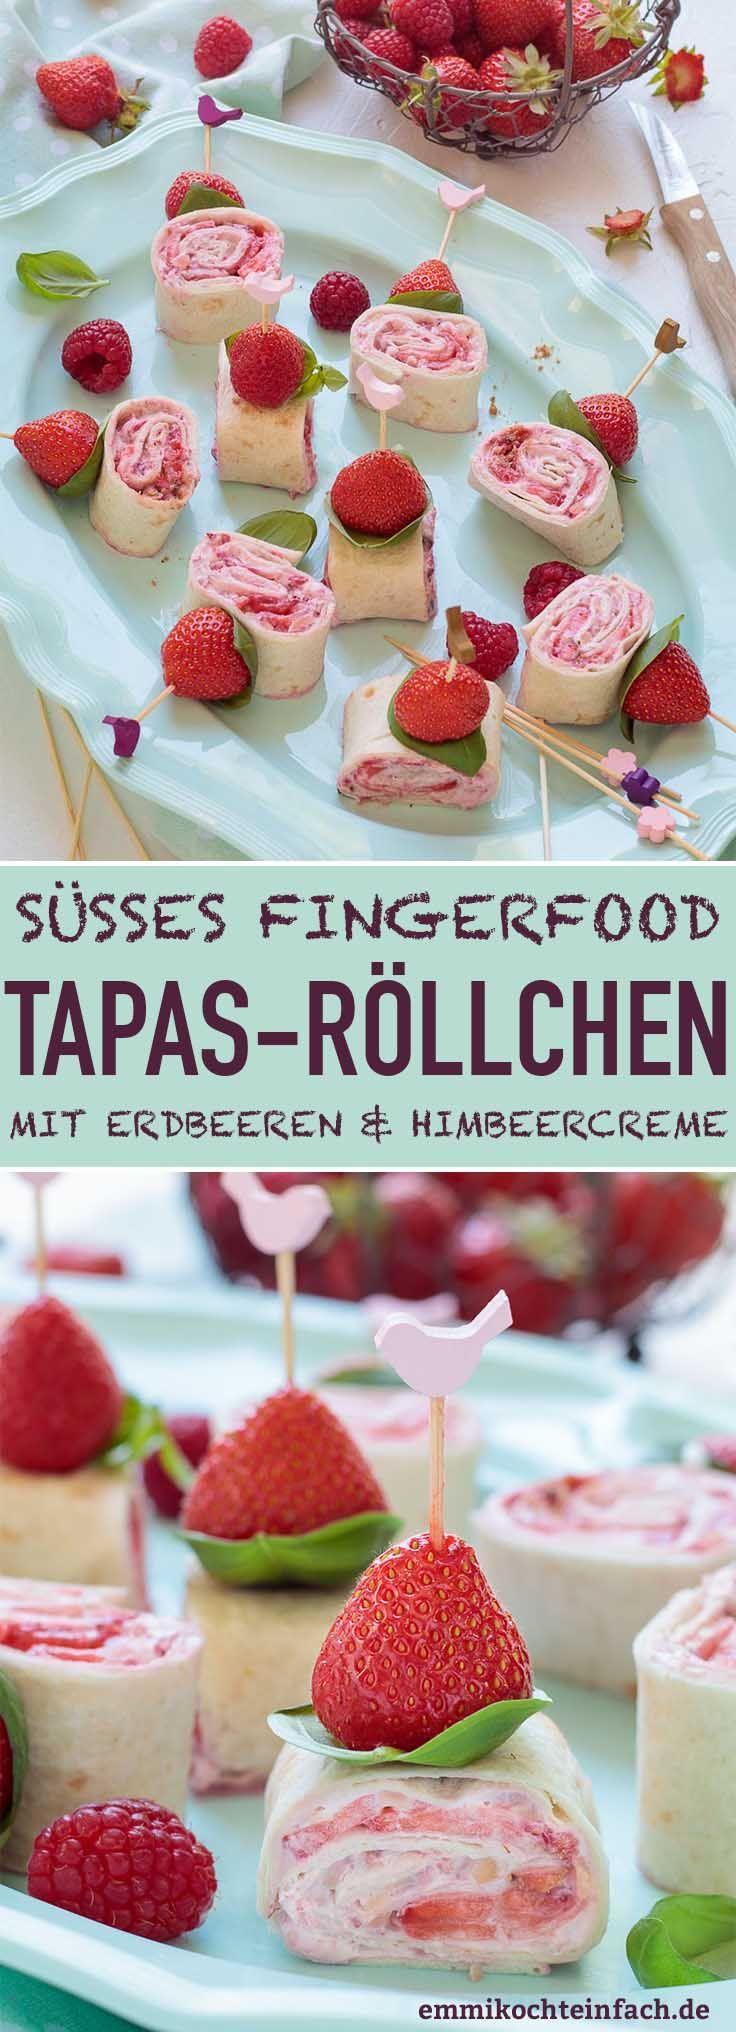 Süße Tapas Röllchen mit Erdbeeren & Himbeercreme - emmikochteinfach #dessertideeën